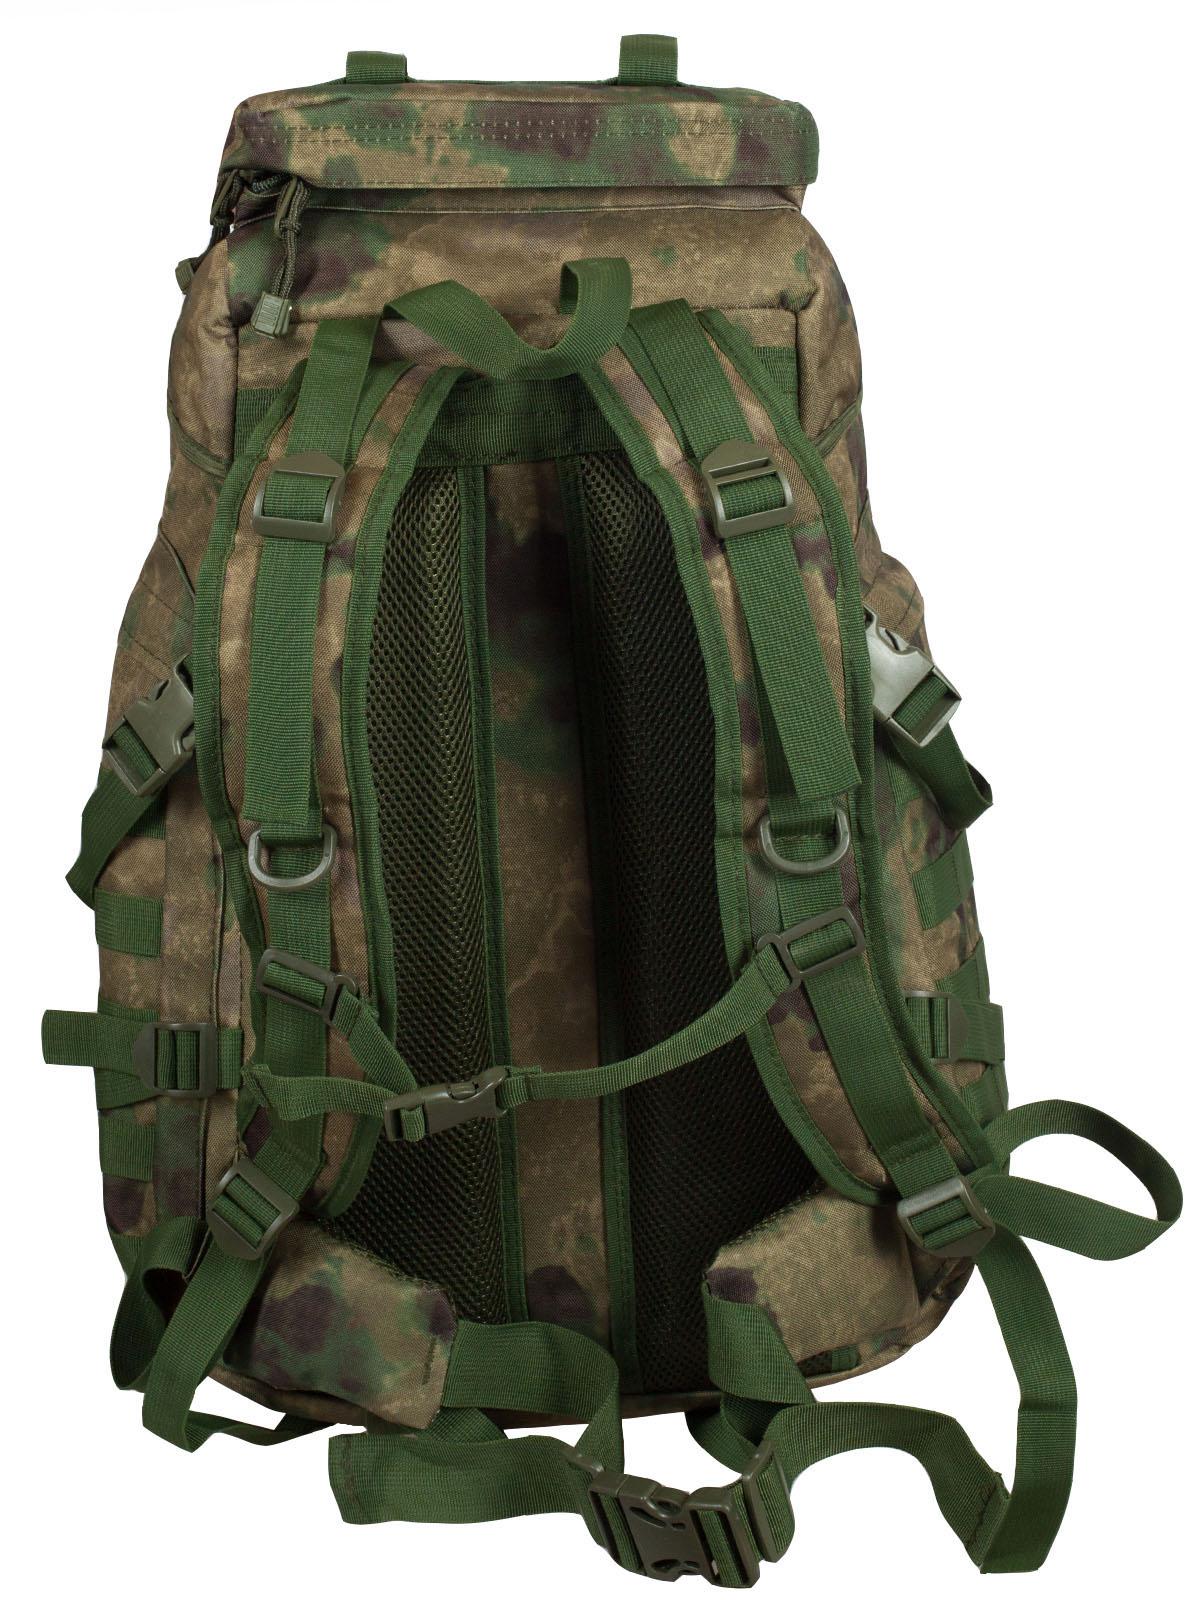 Походный камуфляжный рюкзак с военной нашивкой Пограничной службы - купить в розницу